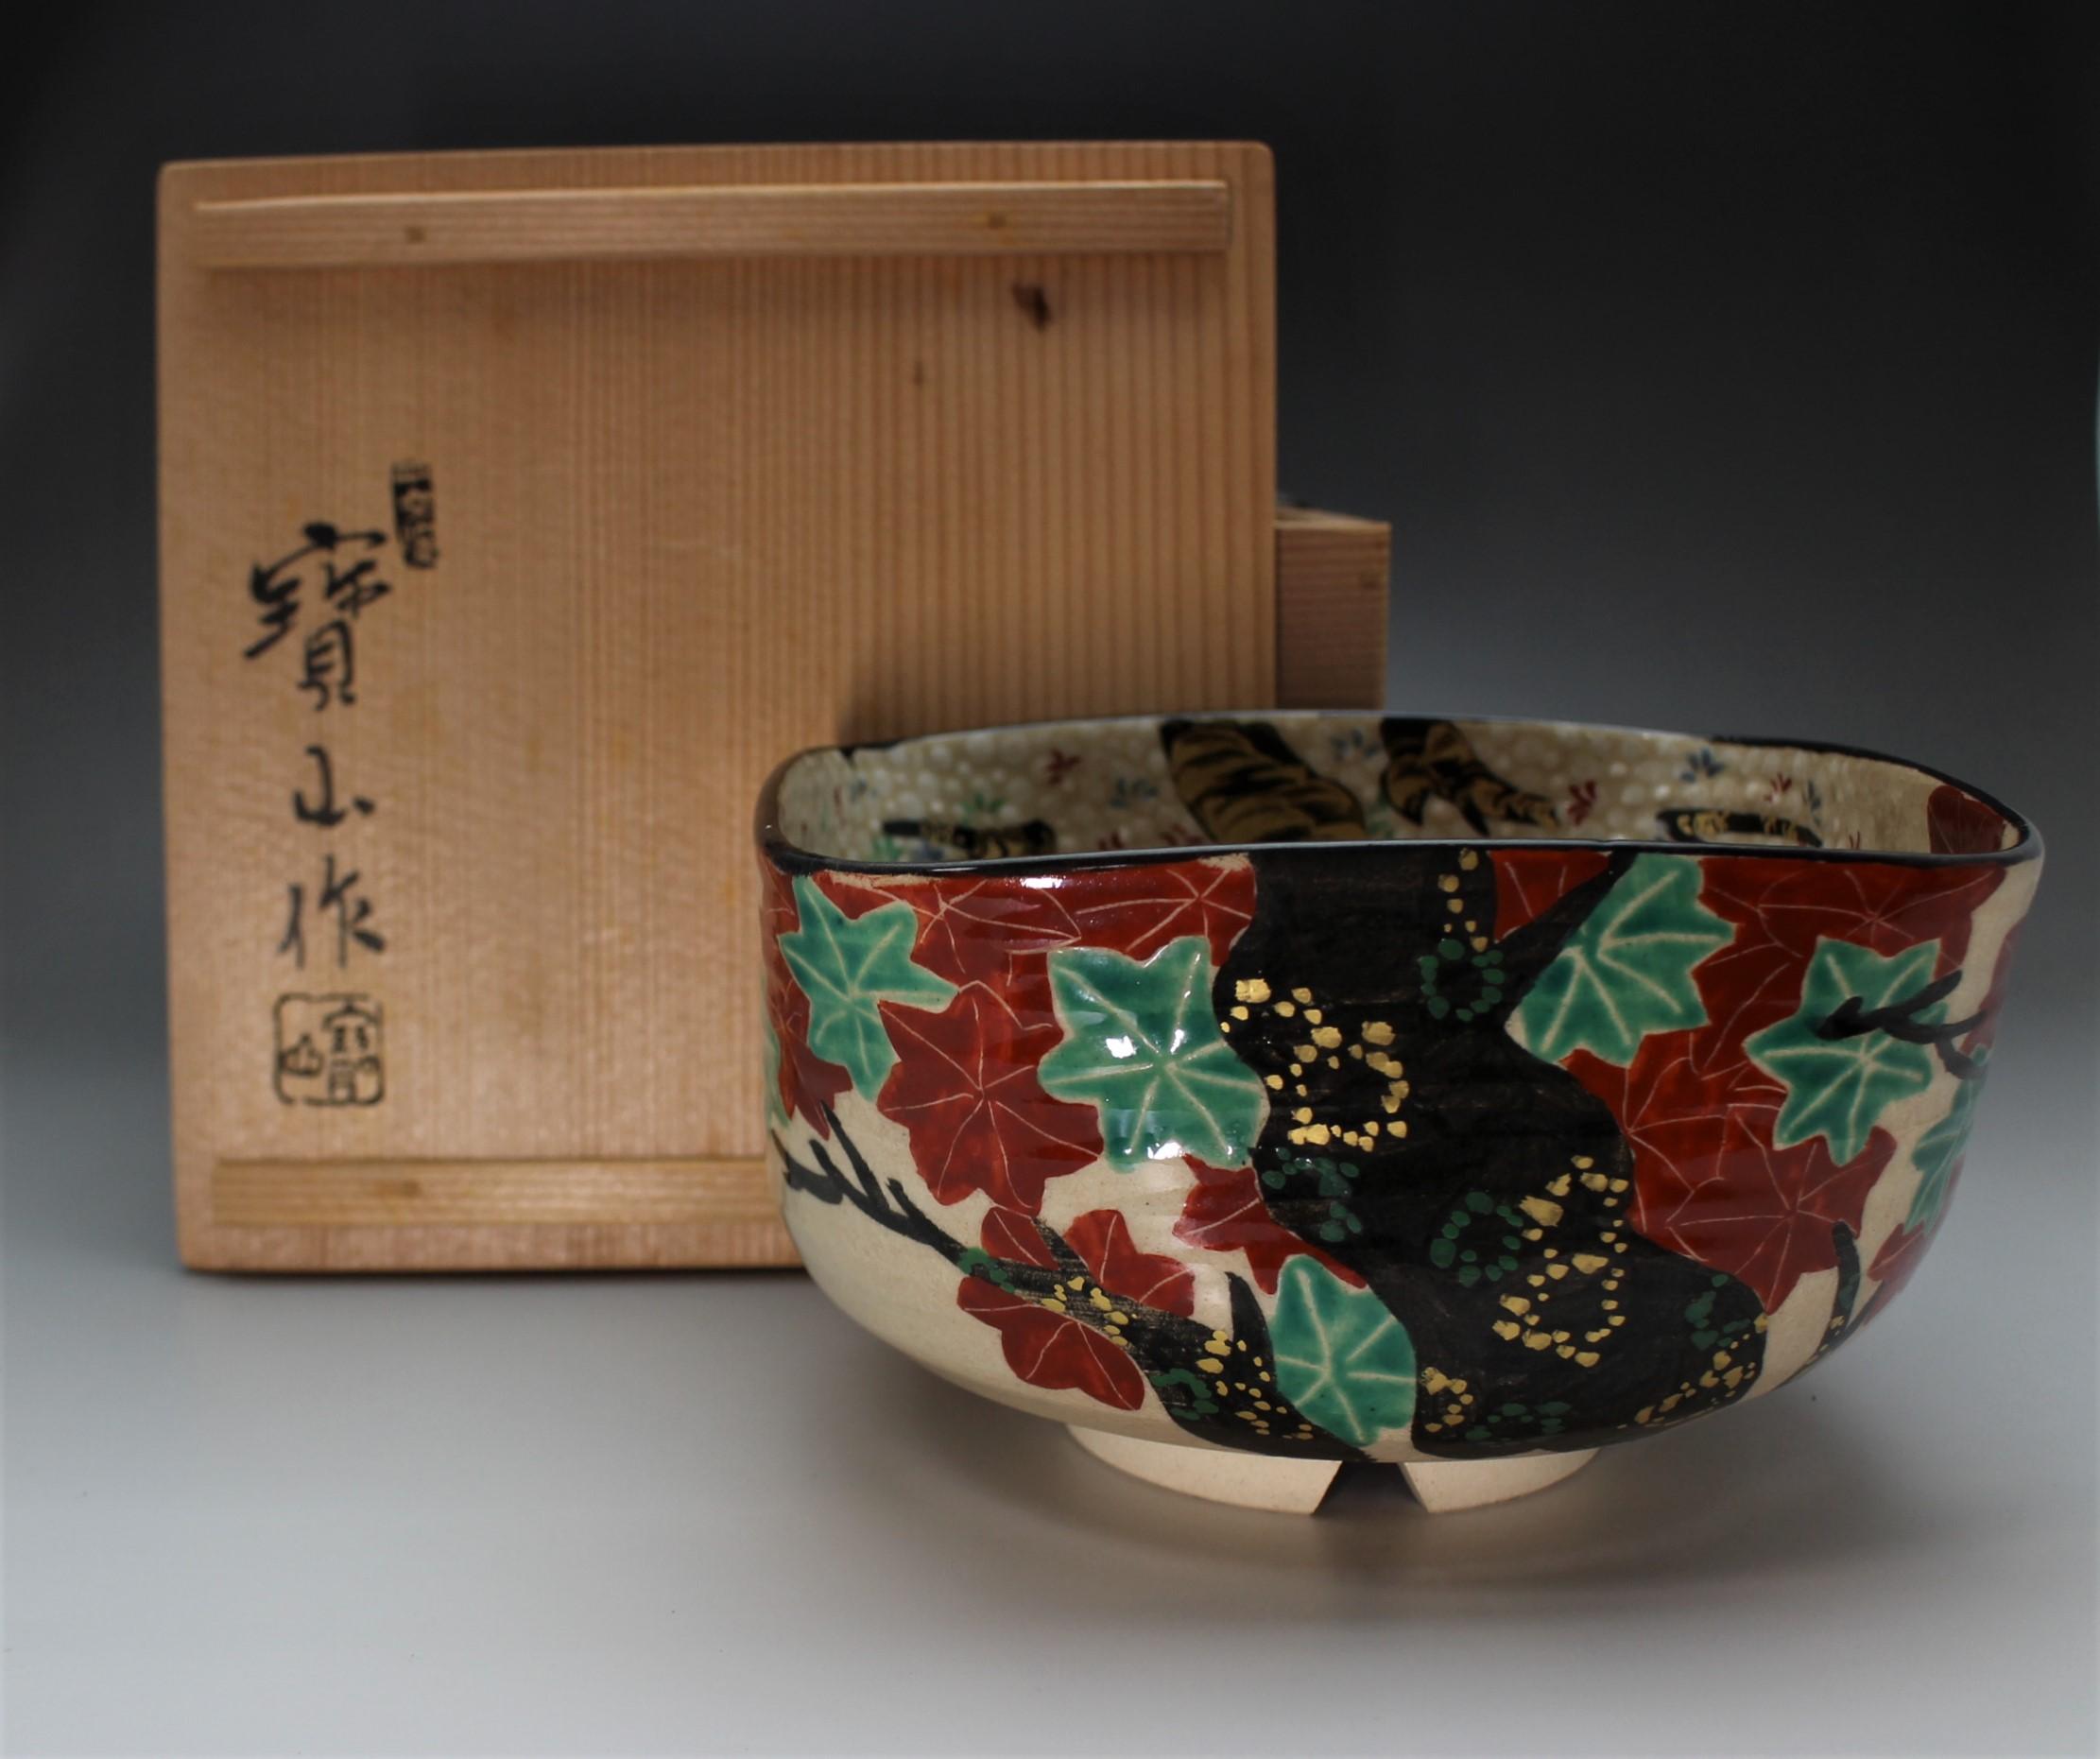 寶山菓子鉢